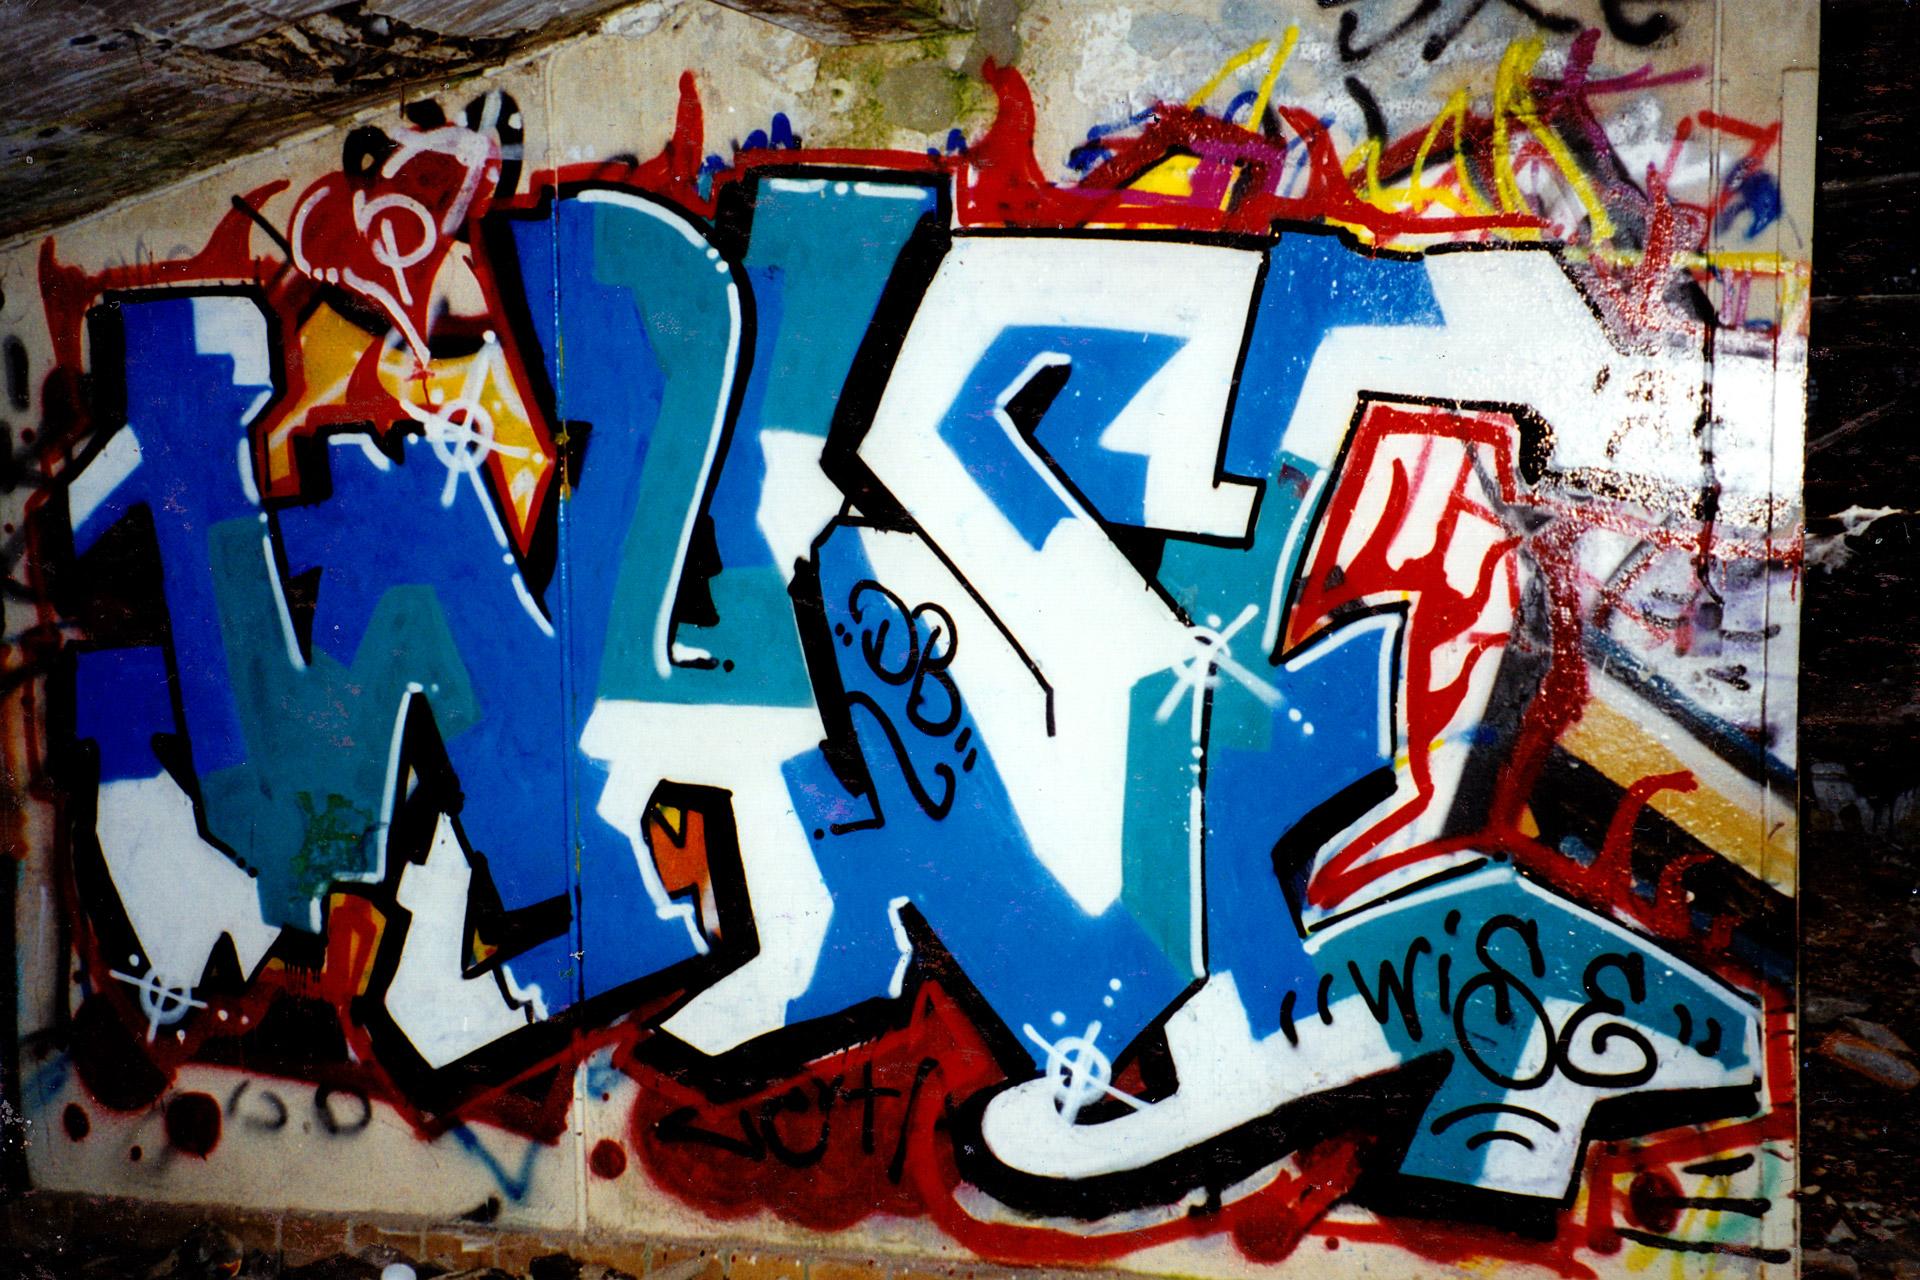 wise-syrefabrikken-1998-02